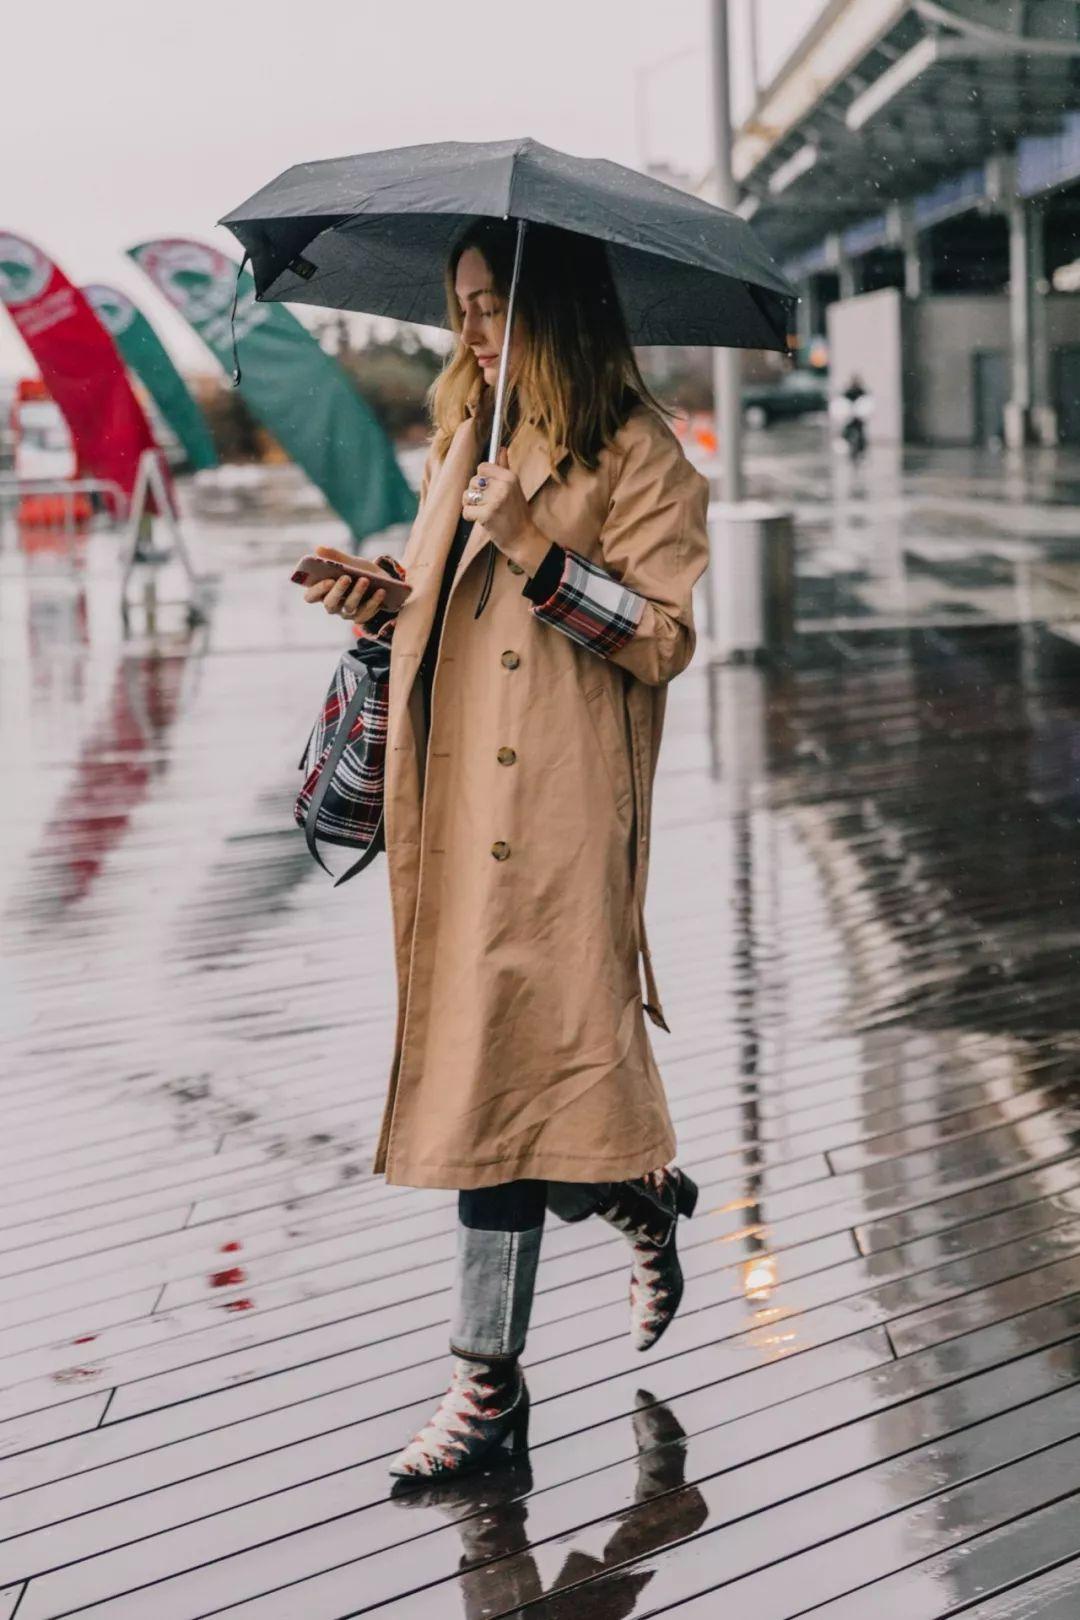 周冬雨 风衣_周冬雨性感图片